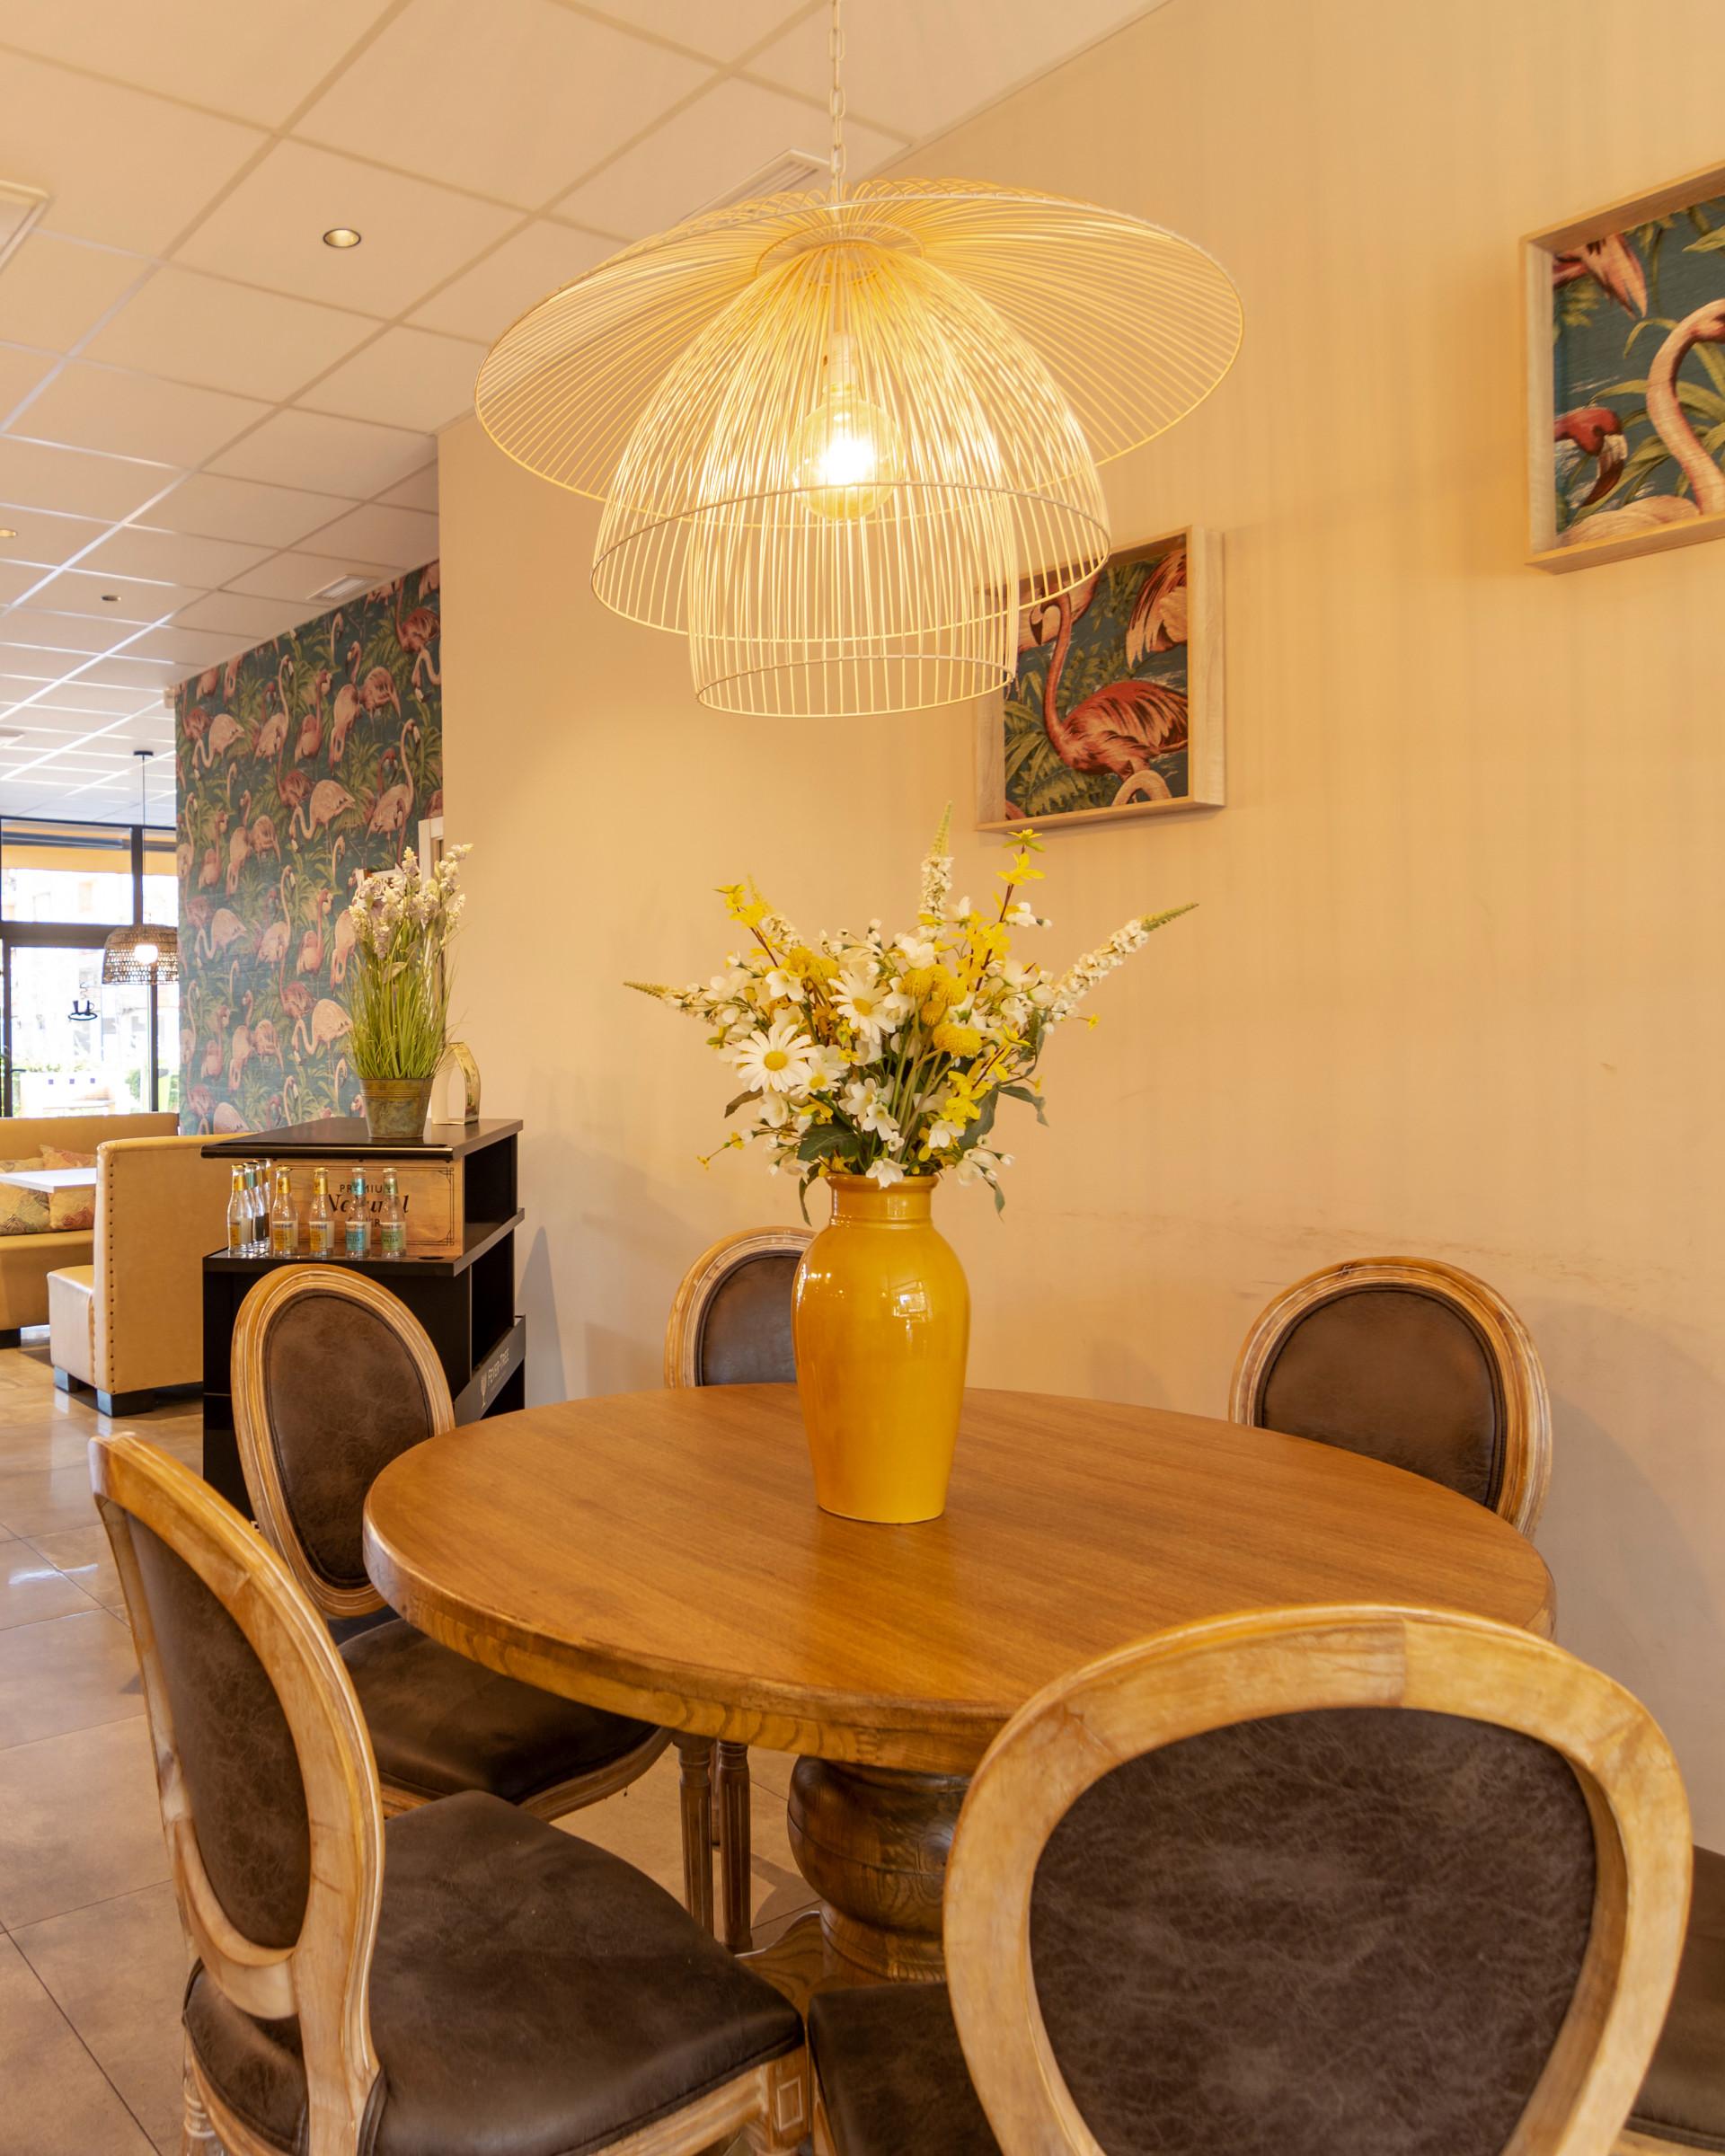 proyectos-interiorismo-interioristas-comercios-empresas-reformas-locales-comerciales-cafeterias-cafe-kumaru-6